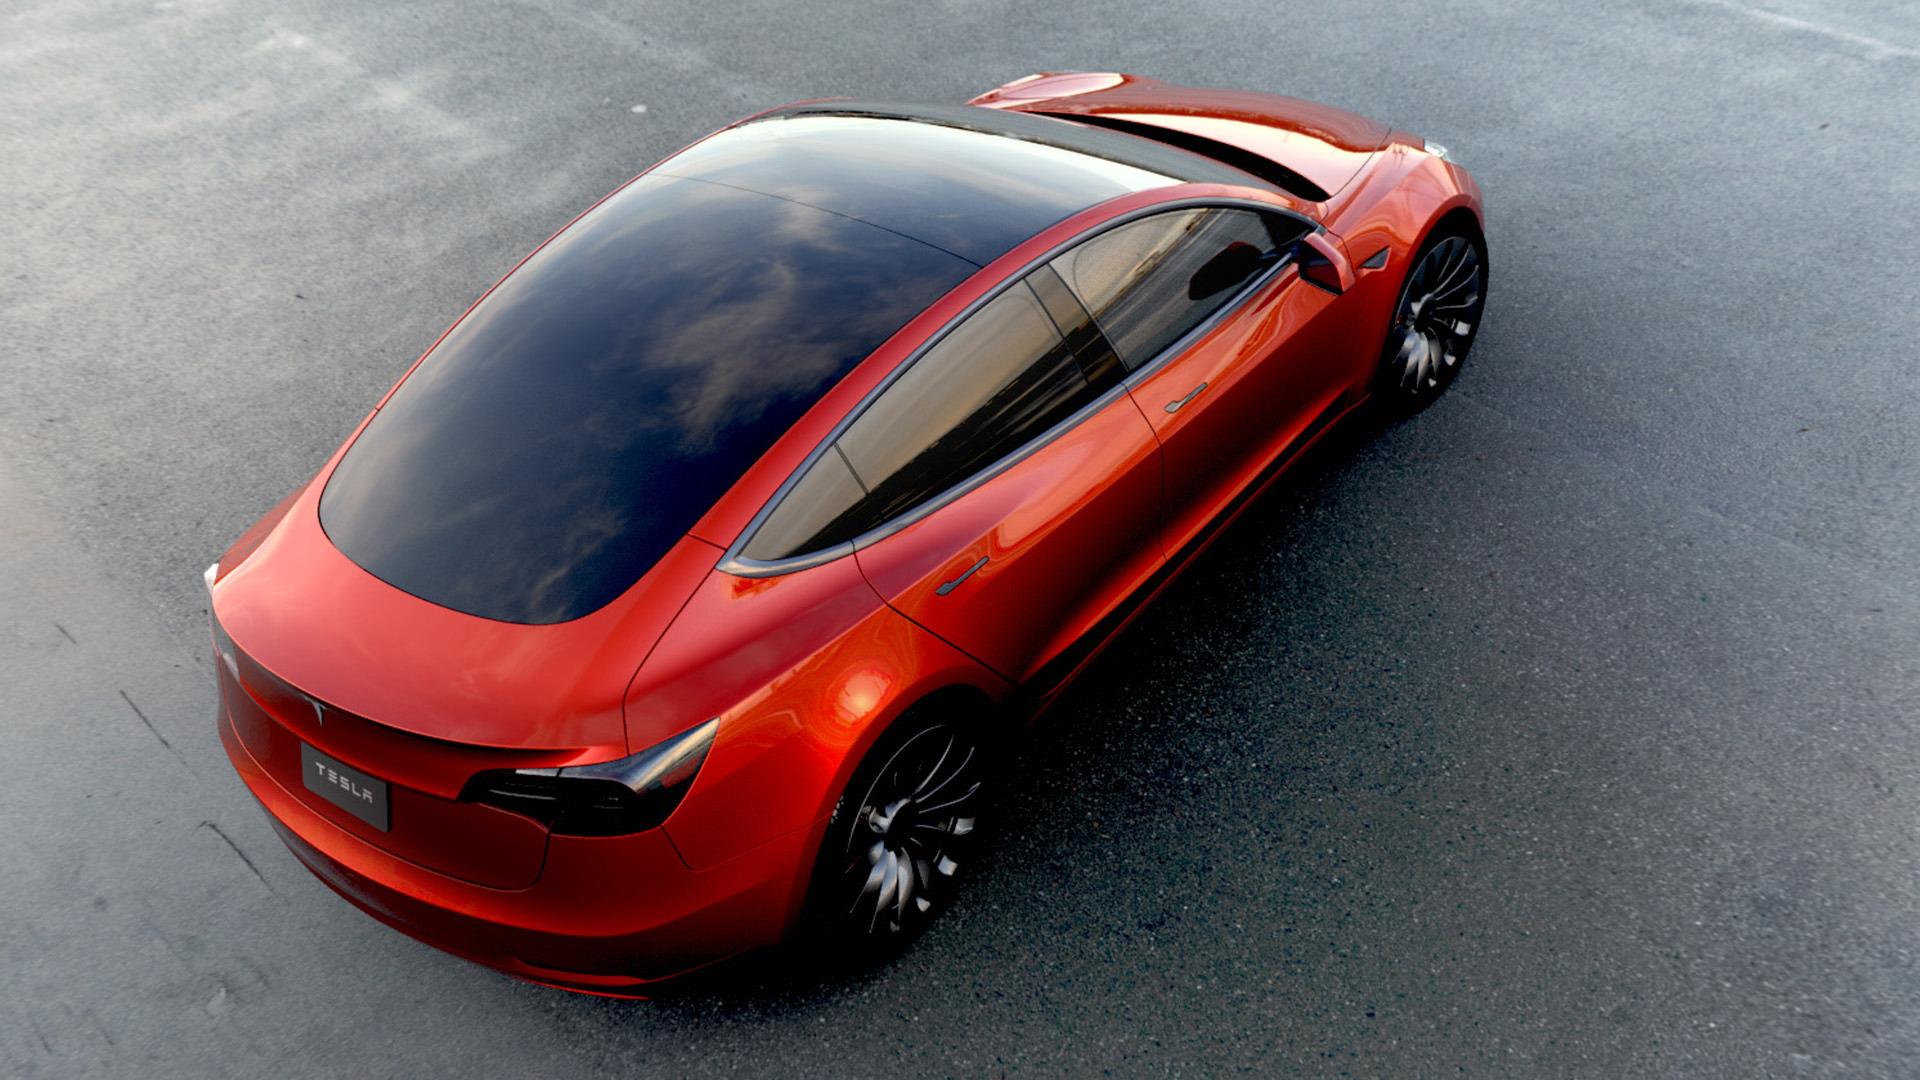 Продажи электромобилей в первом квартале 2020 года выросли на 50%